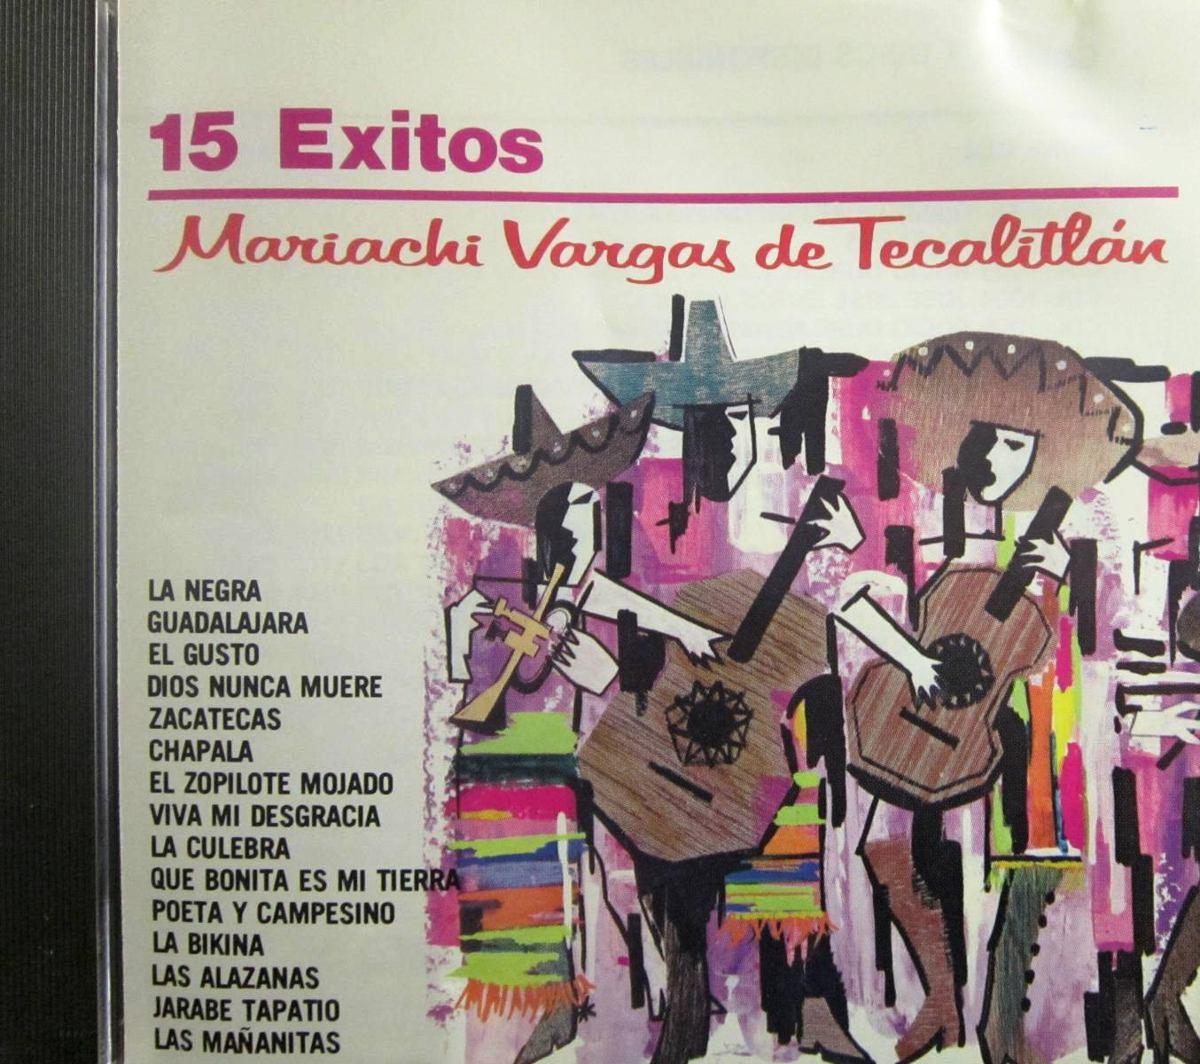 Mariachi Vargas De Tecalitlan 15 Exitos 149 00 En Mercado Libre